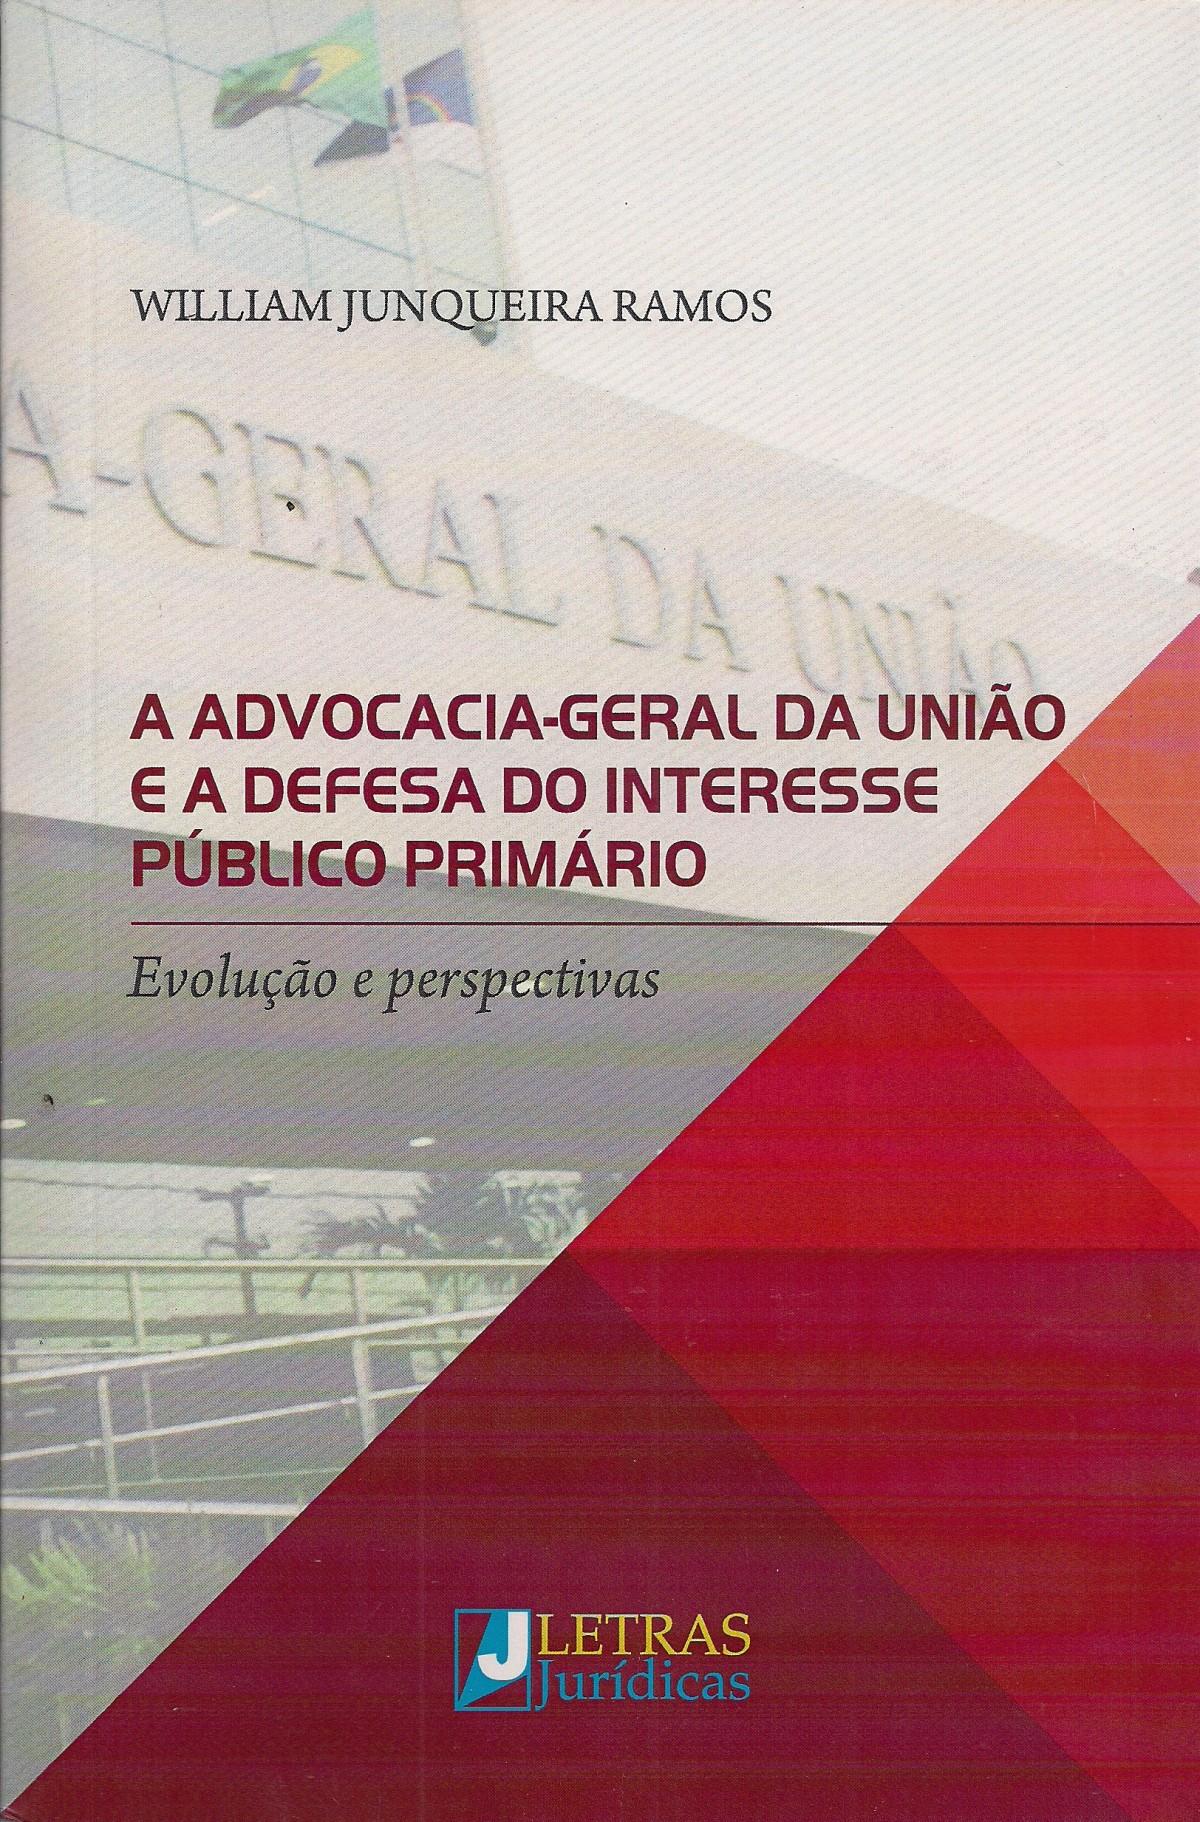 Foto 1 - A Advocacia-Geral da União e a Defesa do Interesse Público Primário - Evolução e Perspectivas